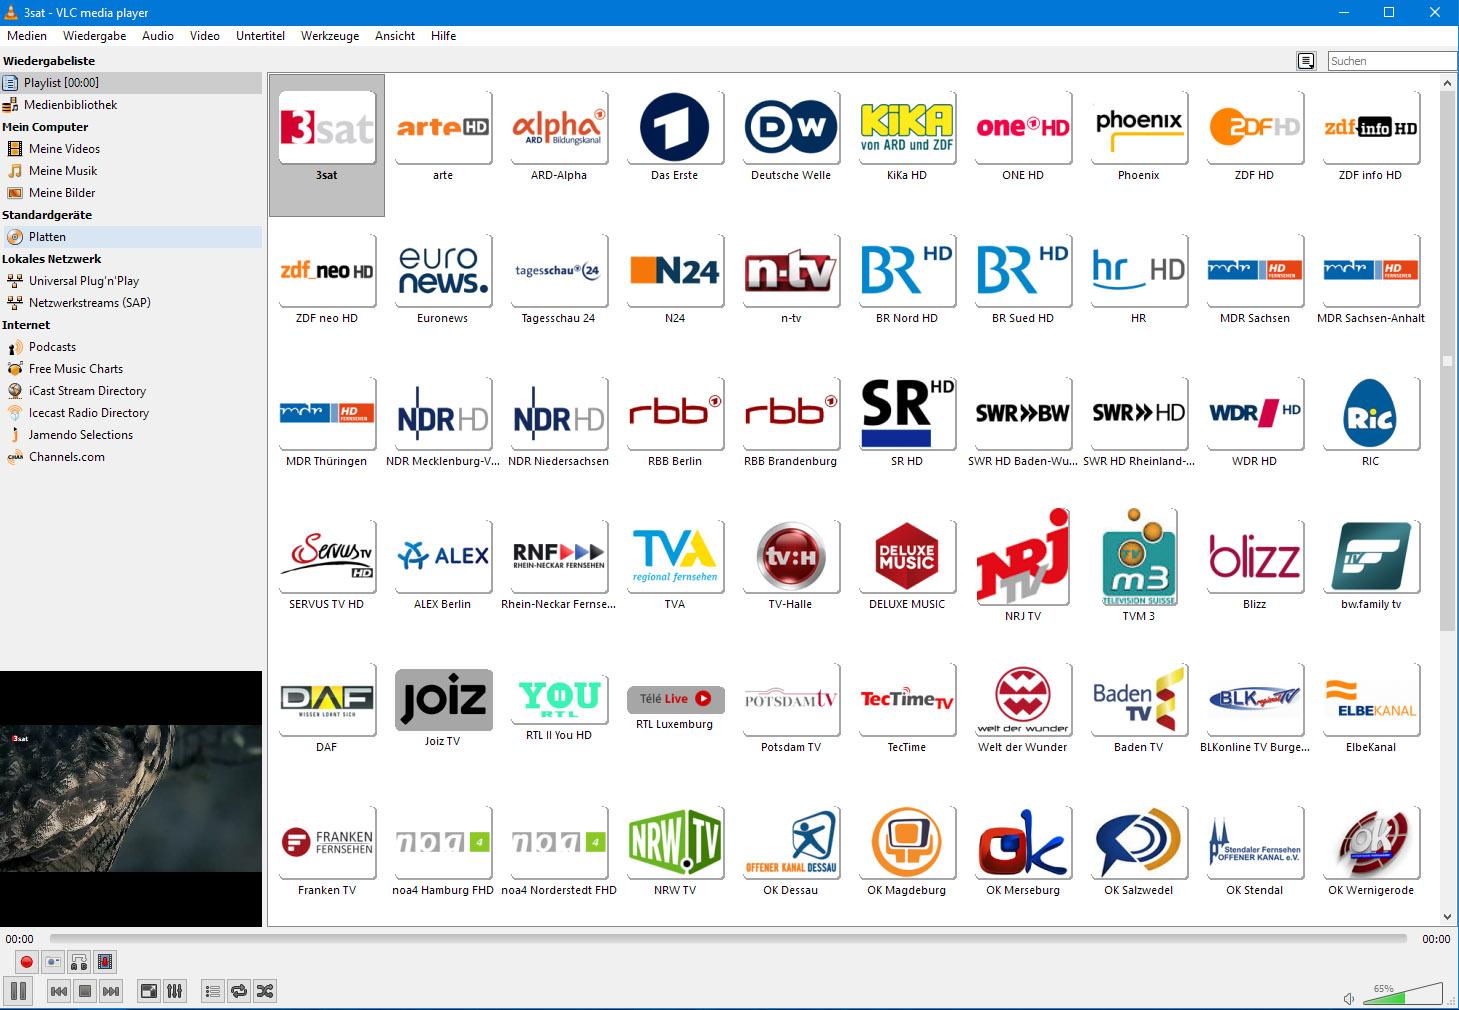 Wiedergabeliste für deutschsprachige TV-Streams - Allgemeine